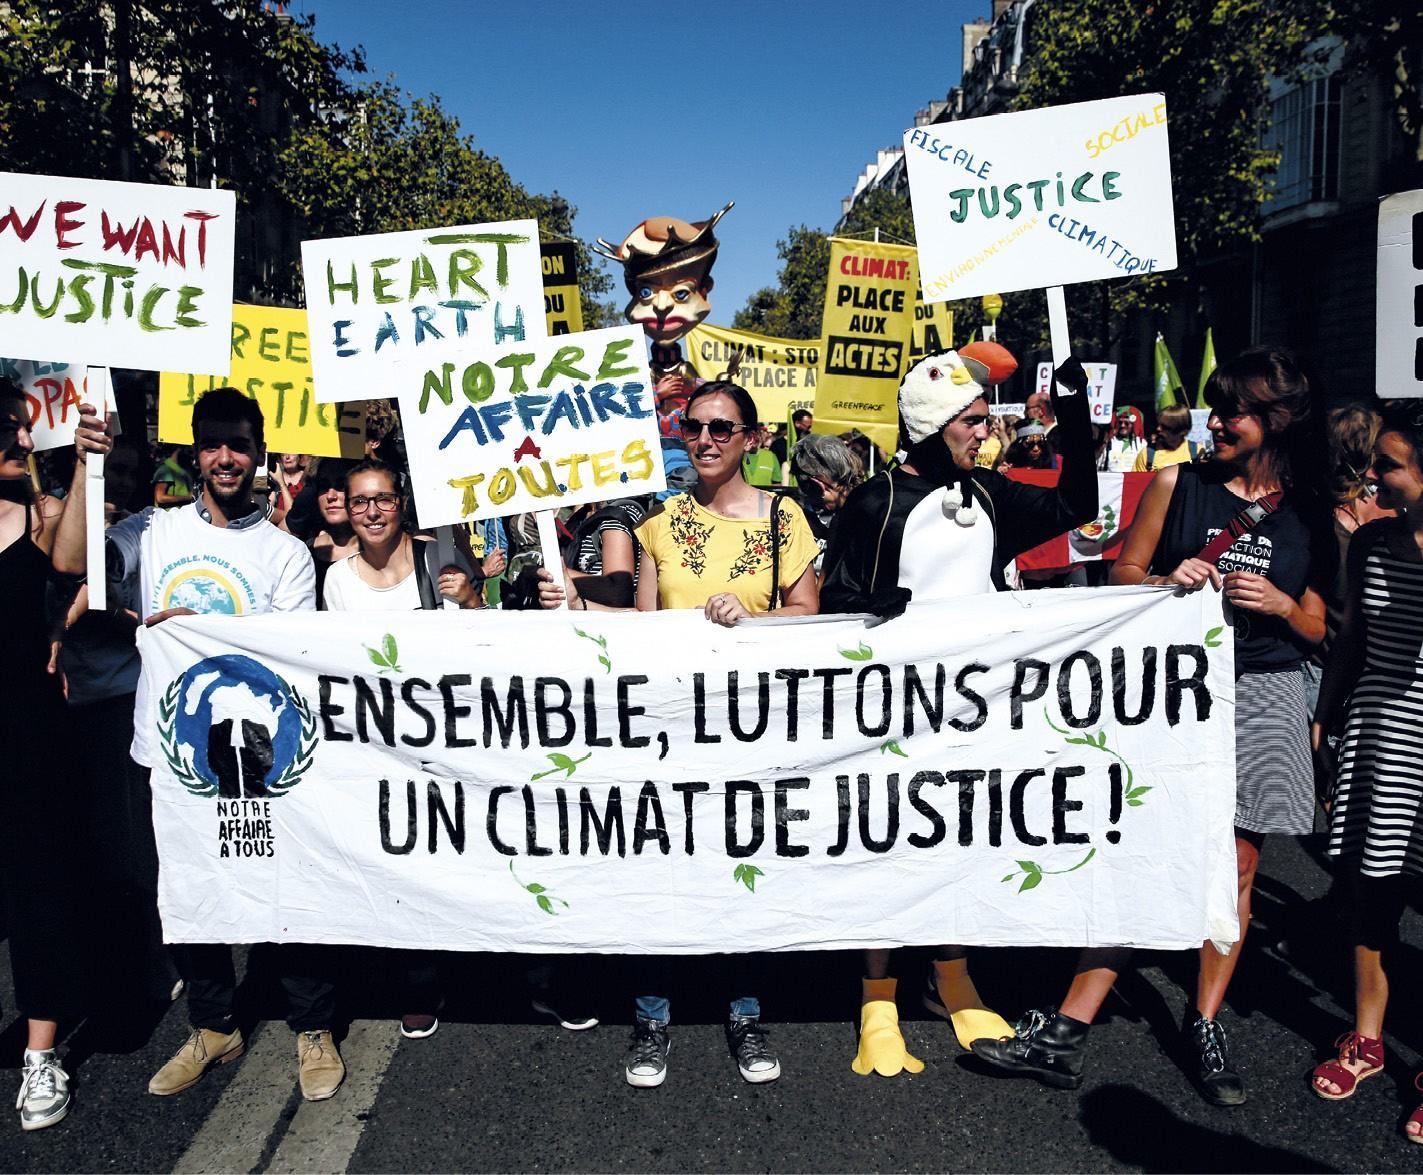 Une nouvelle forme d'engagement: la lutte contre le réchauffement climatique